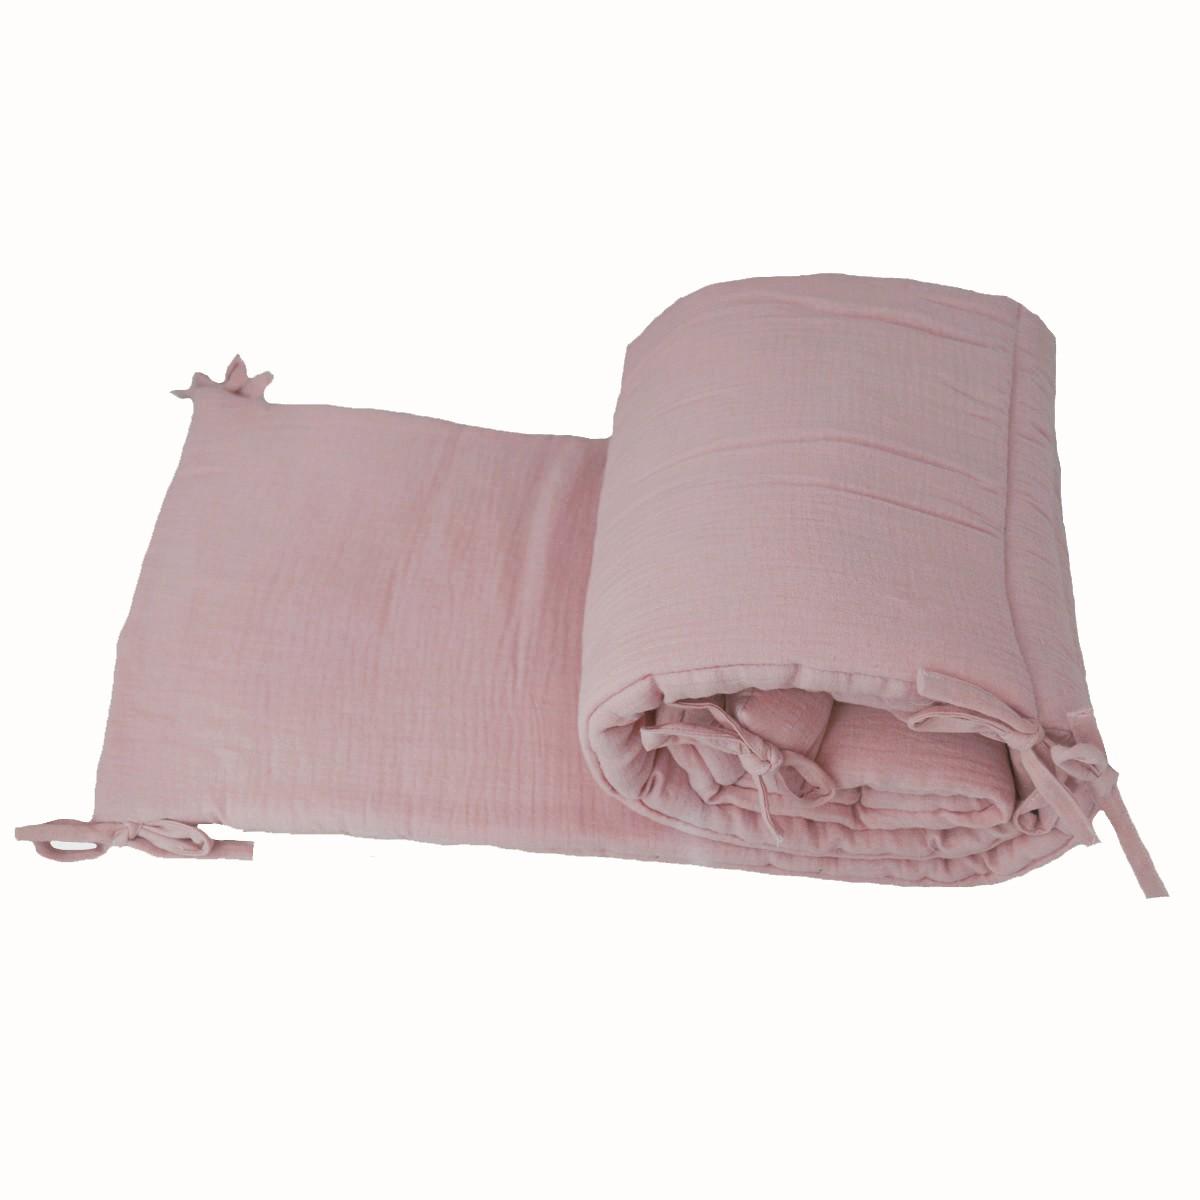 tour de lit b b fille en mousseline de coton unie rose. Black Bedroom Furniture Sets. Home Design Ideas